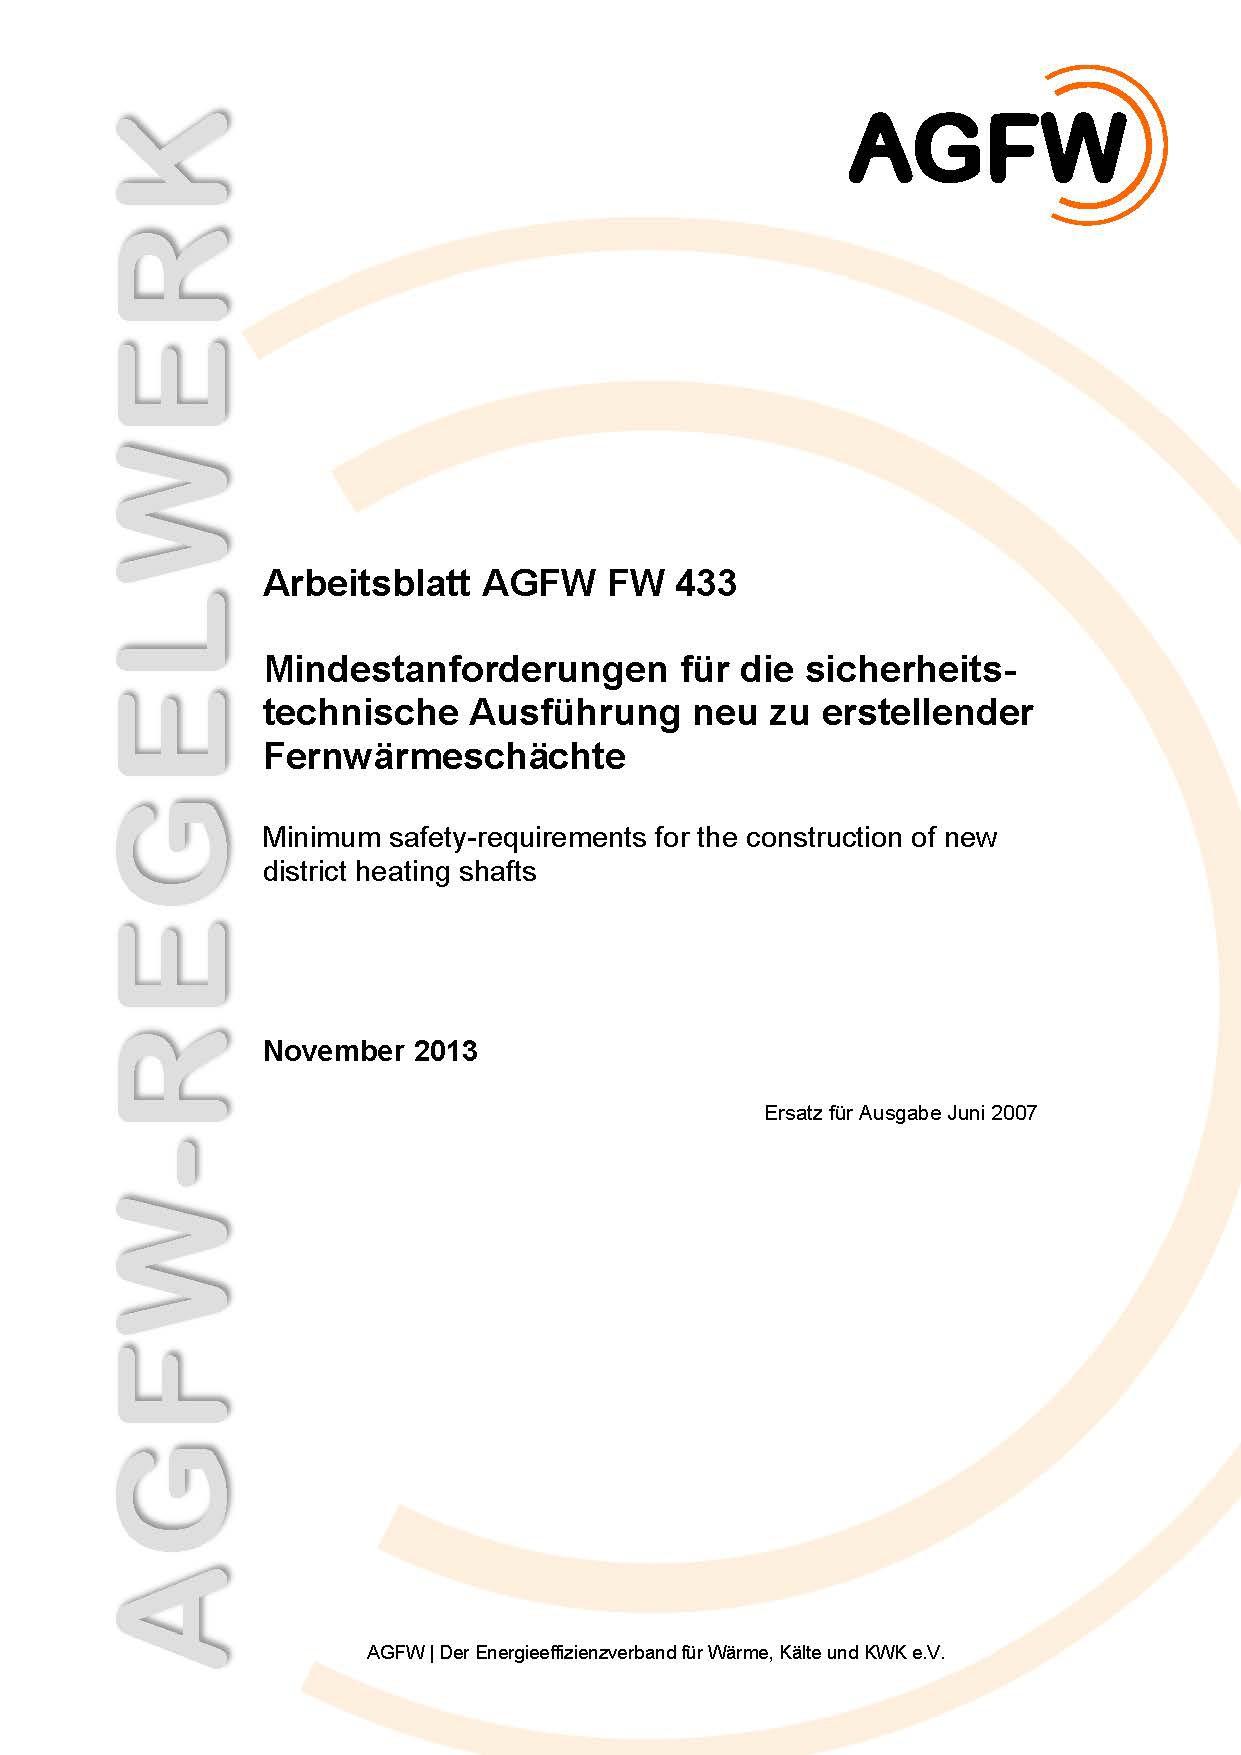 FW 433 - Mindestanforderungen für die sicherheitstechnische ...